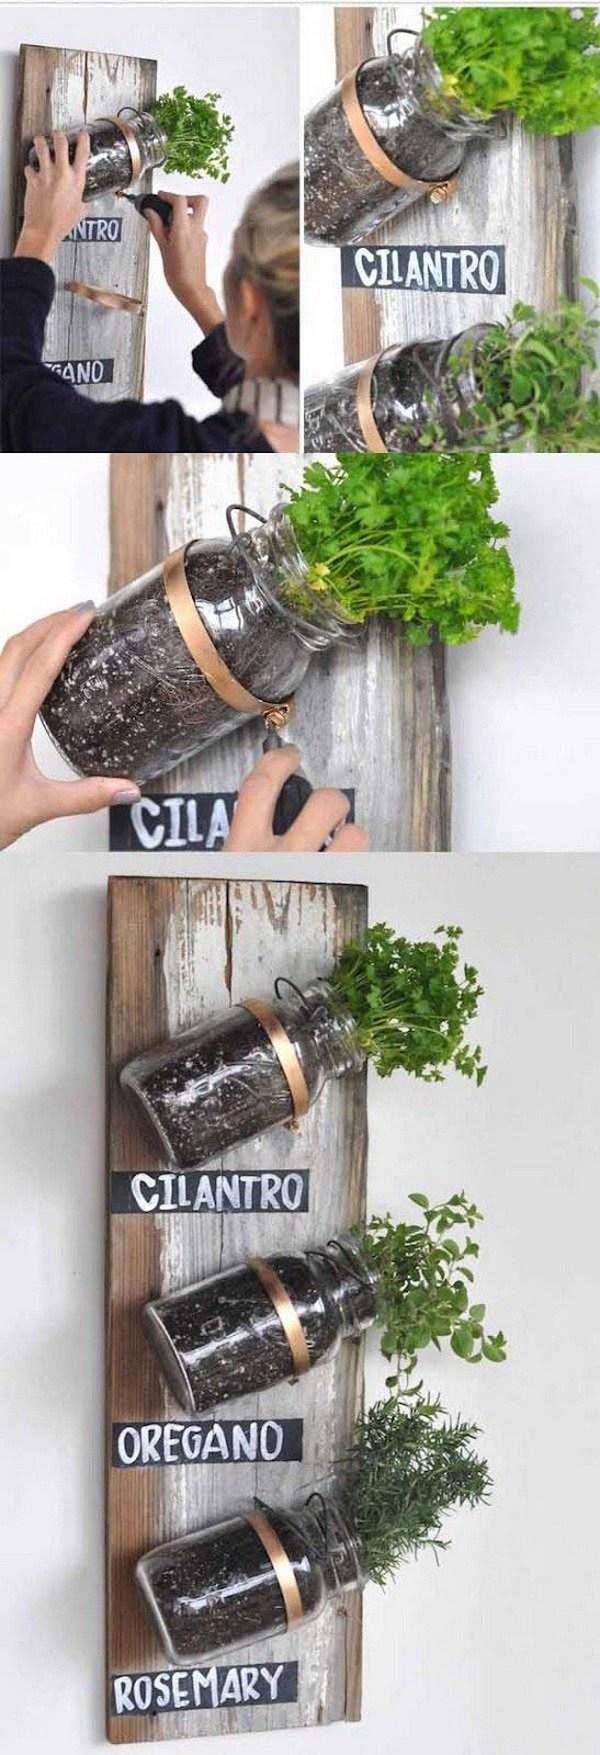 15+ Façons Différentes et Ingénieux Avec d'Utiliser les Pots Mason!